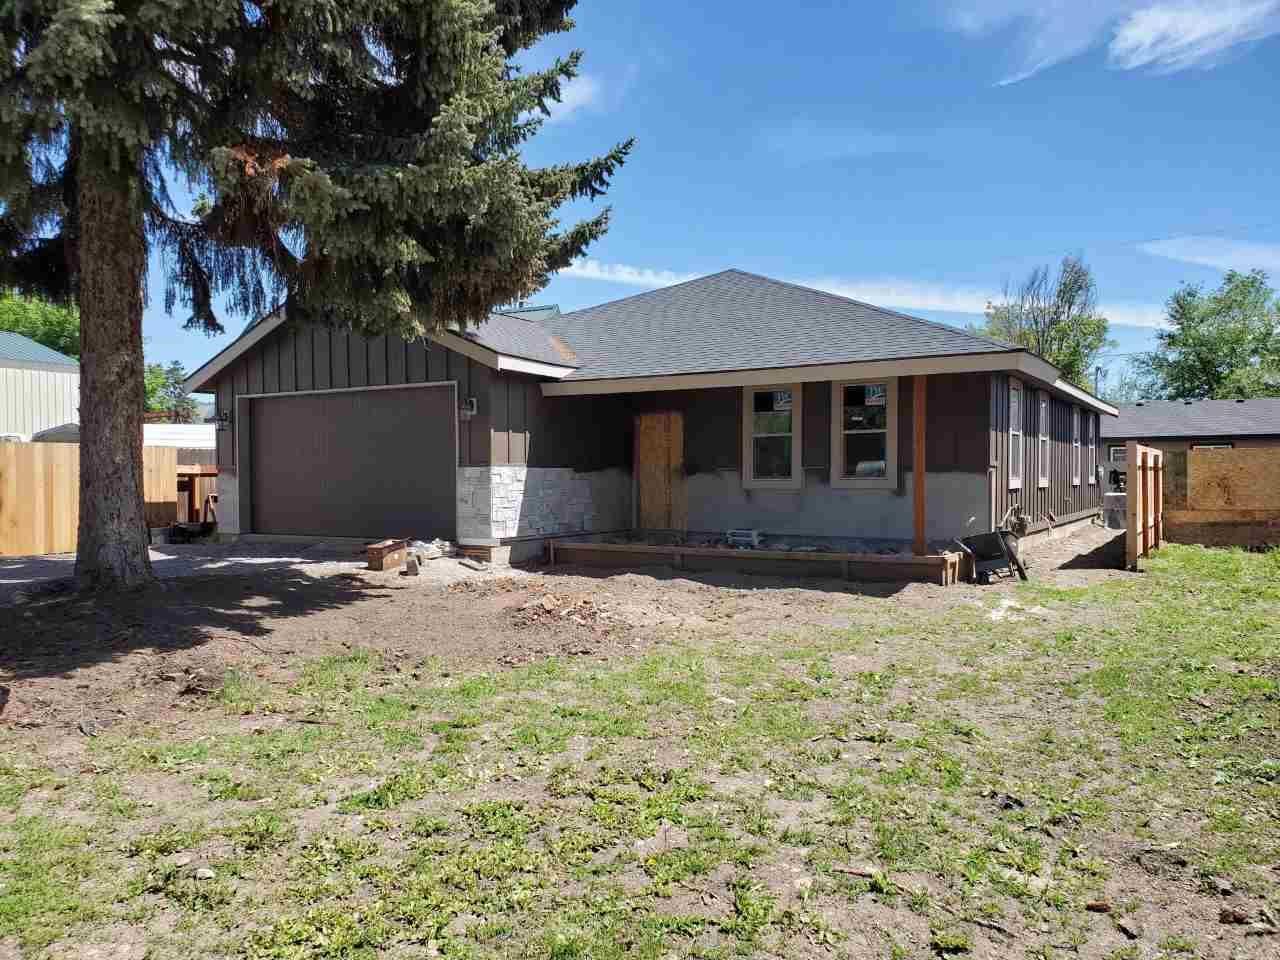 4308 N Avalon Rd, Spokane Valley, WA 99216 - #: 202016217